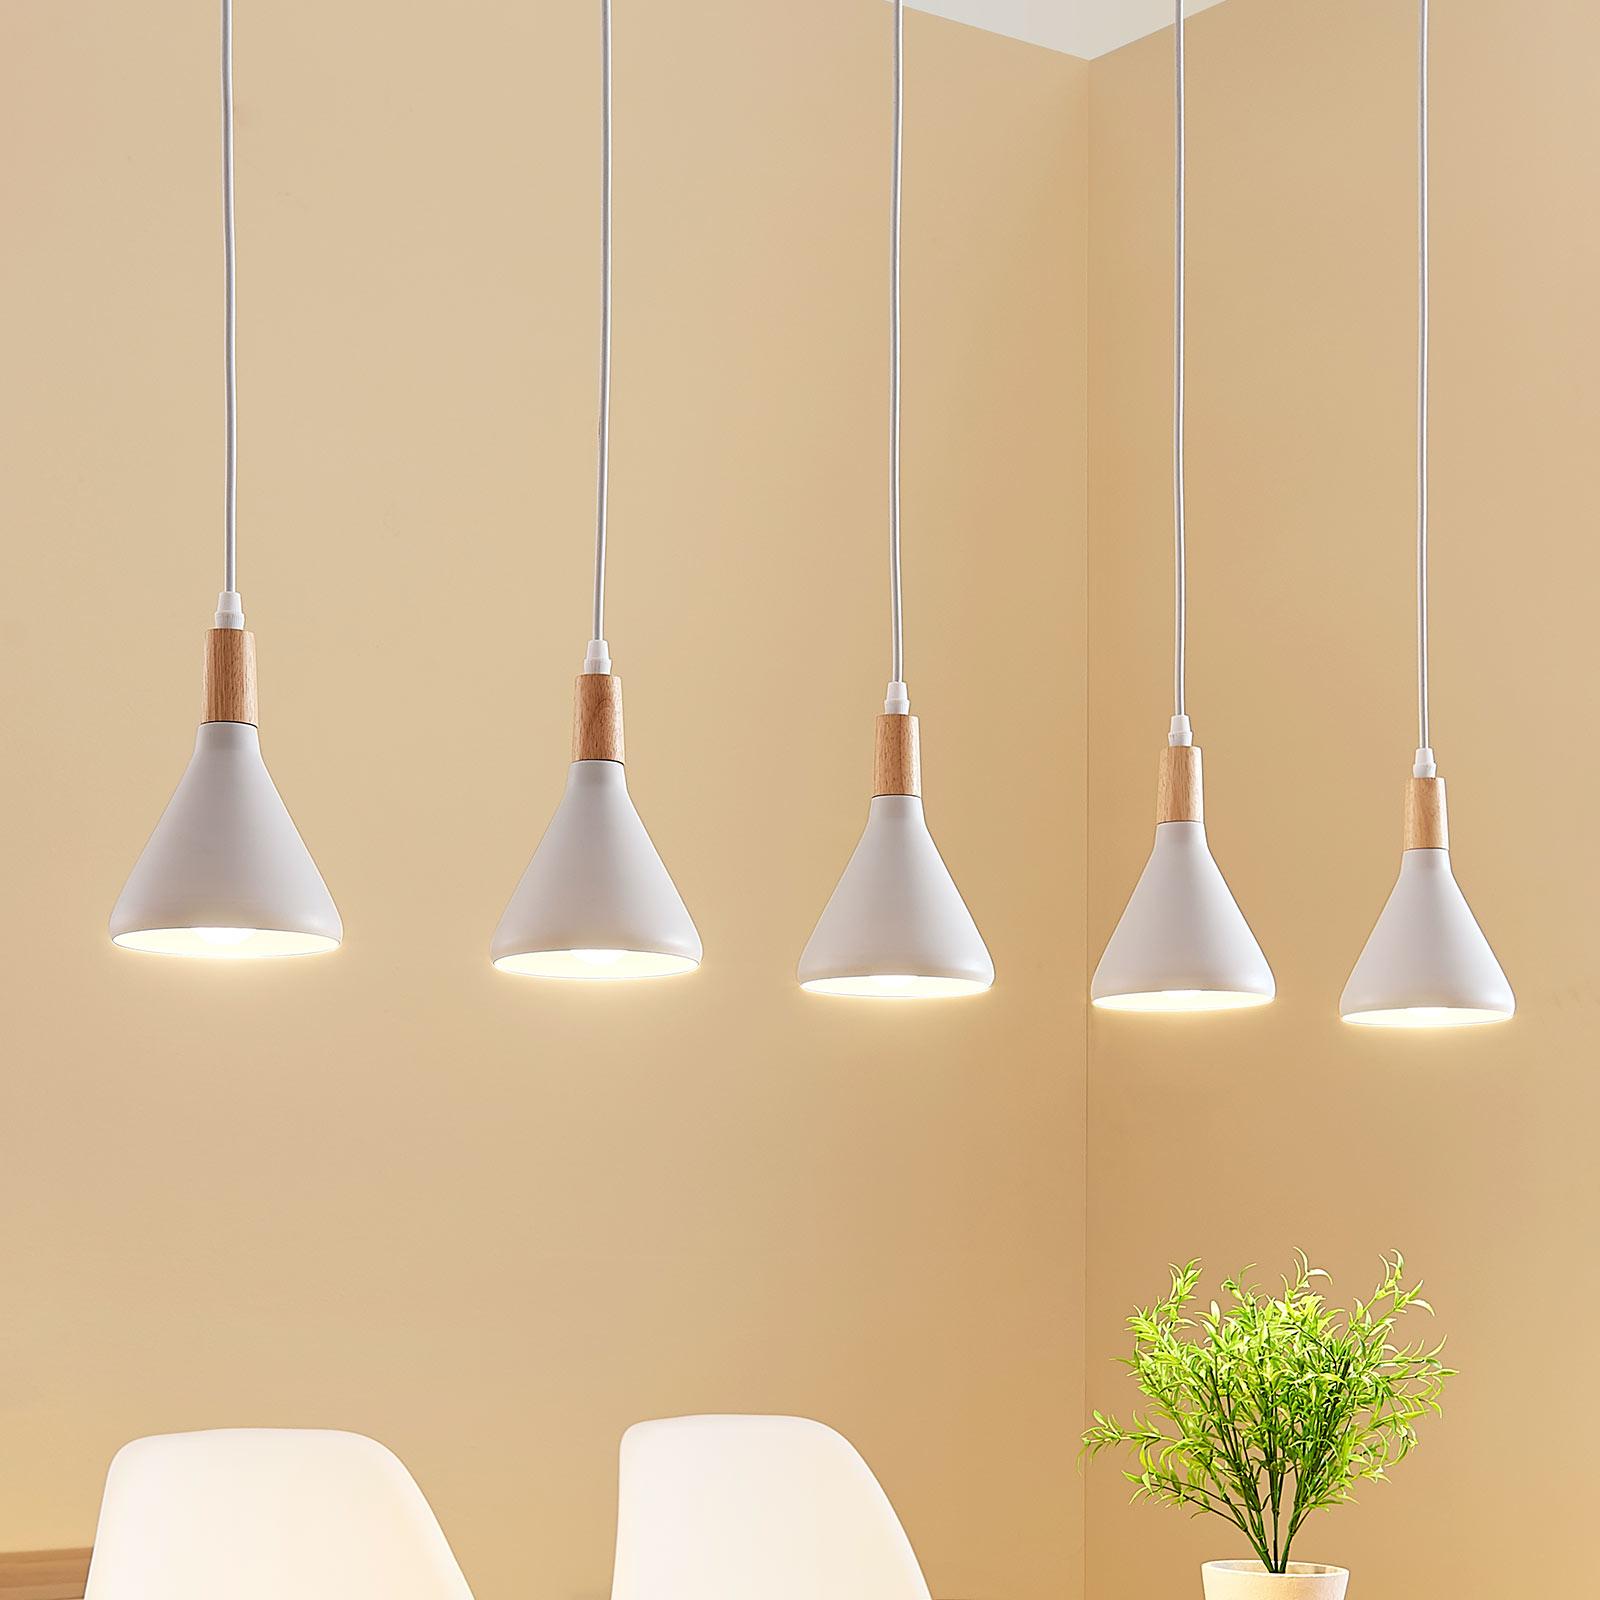 Suspension LED Arina à 5 lampes en blanc